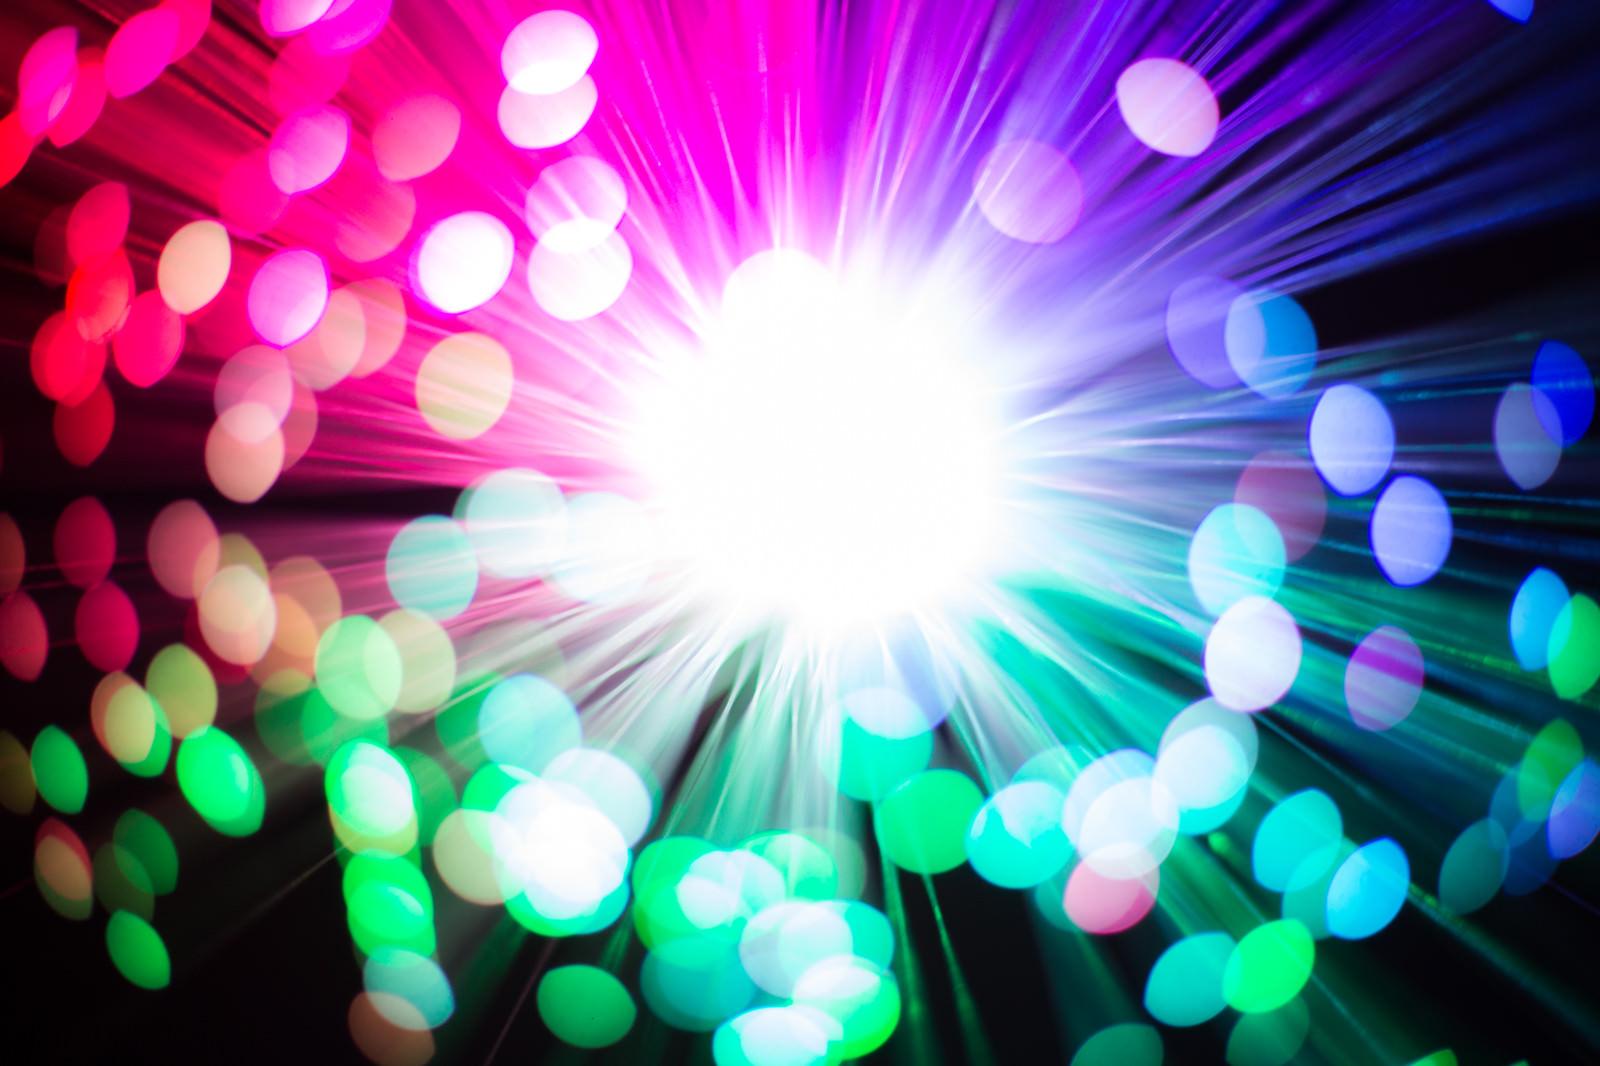 「鮮やかなファイバーライトと玉ボケ」の写真